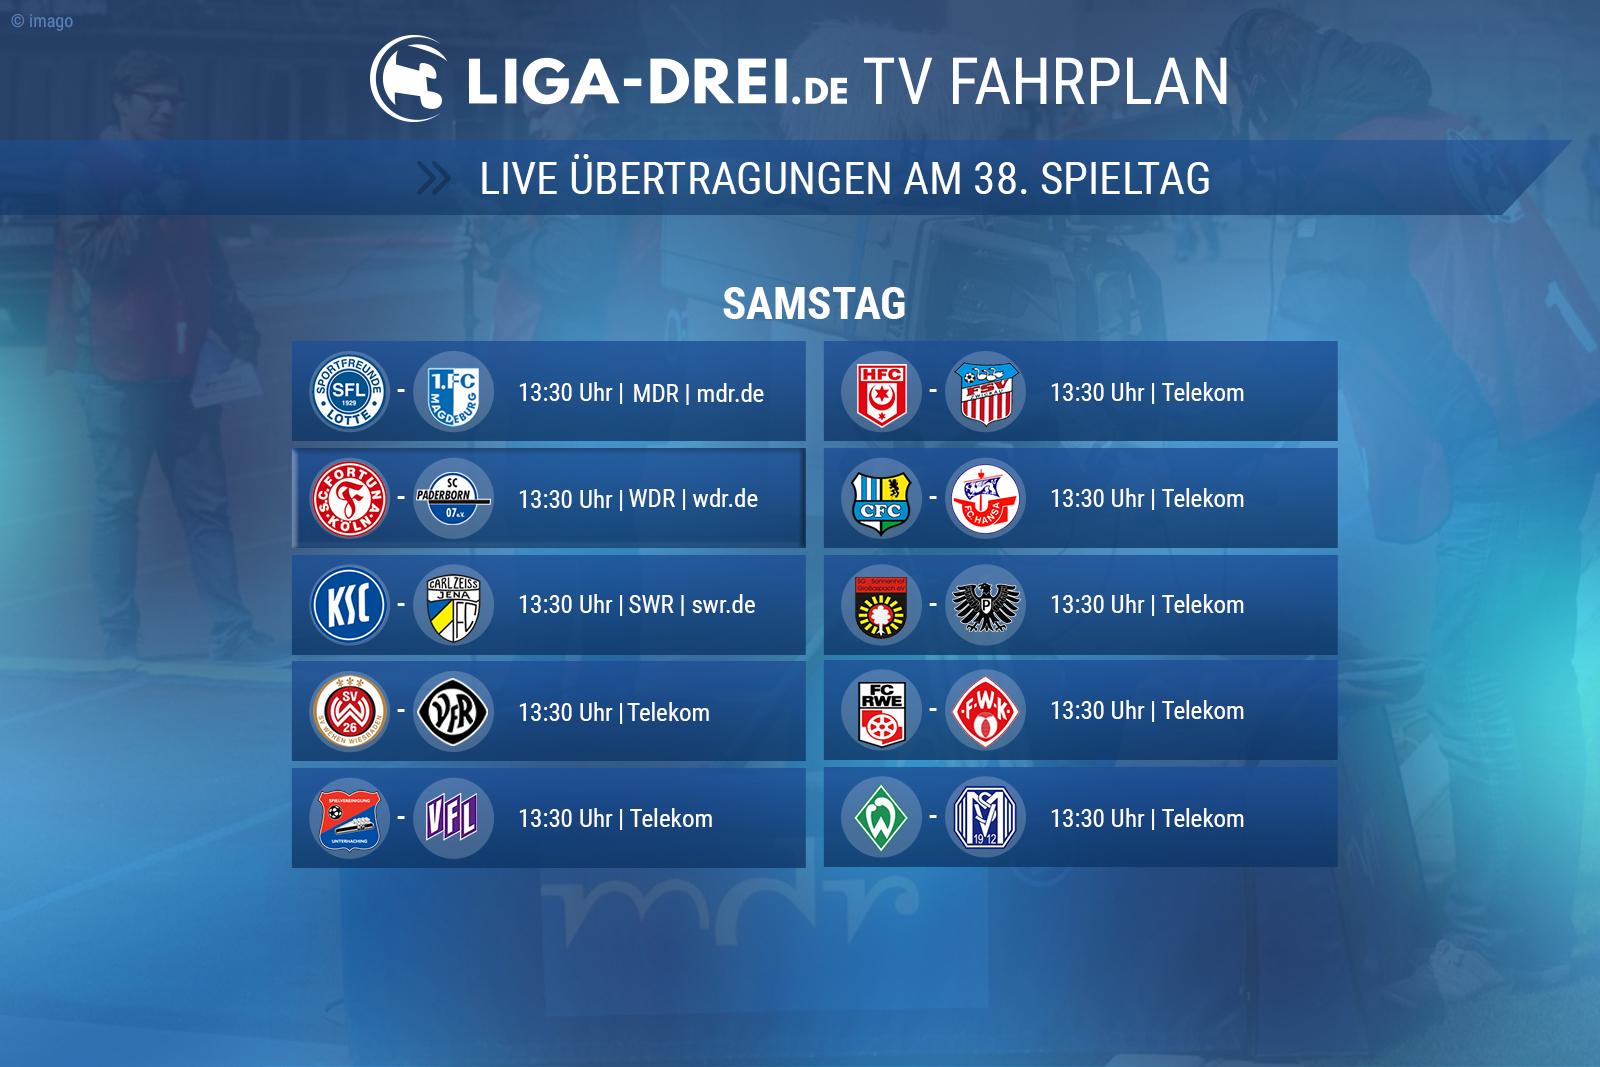 Der TV Fahrplan zum 38. Spieltag